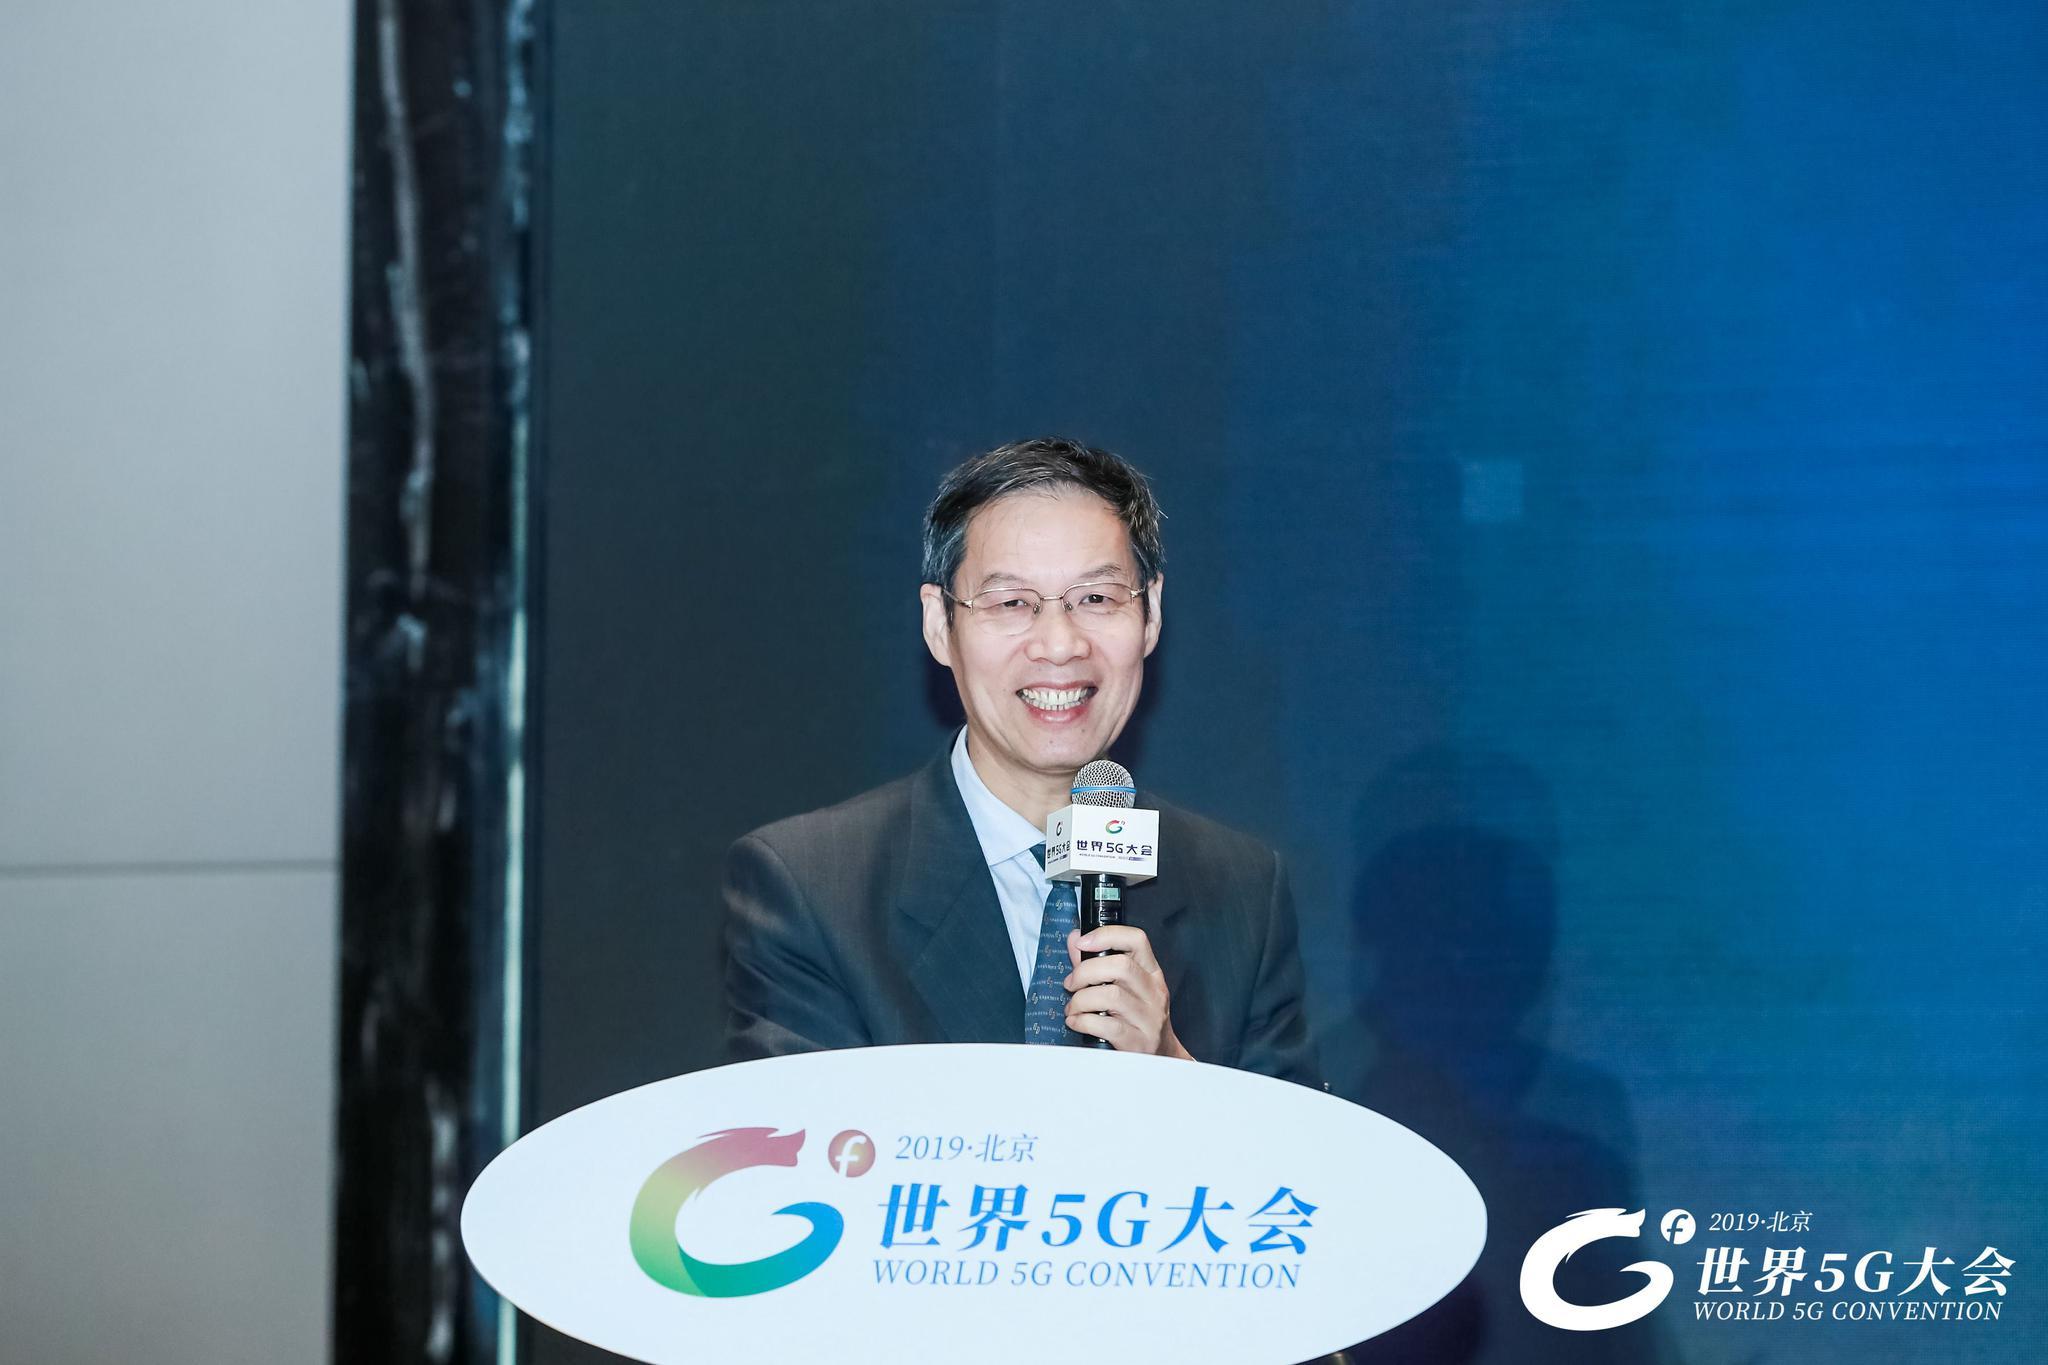 尹浩:5G在下一代关键技术中发挥主导作用,拉动数字经济发展